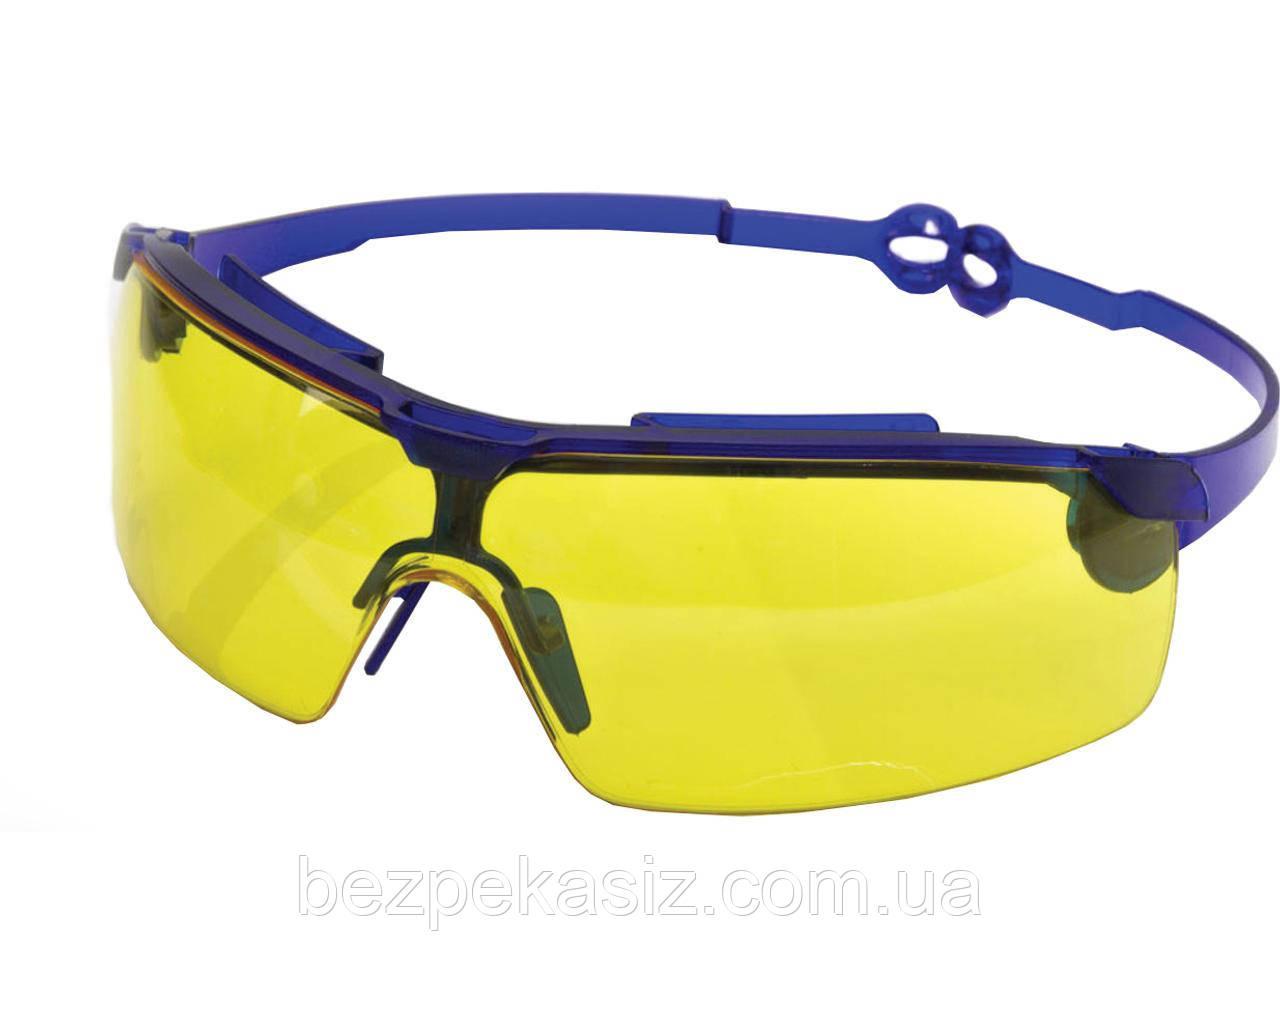 Очки защитные Драйвер жёлтые (поворотные удлинённые дужки, линза ПК, не потеющая, антицарапина)